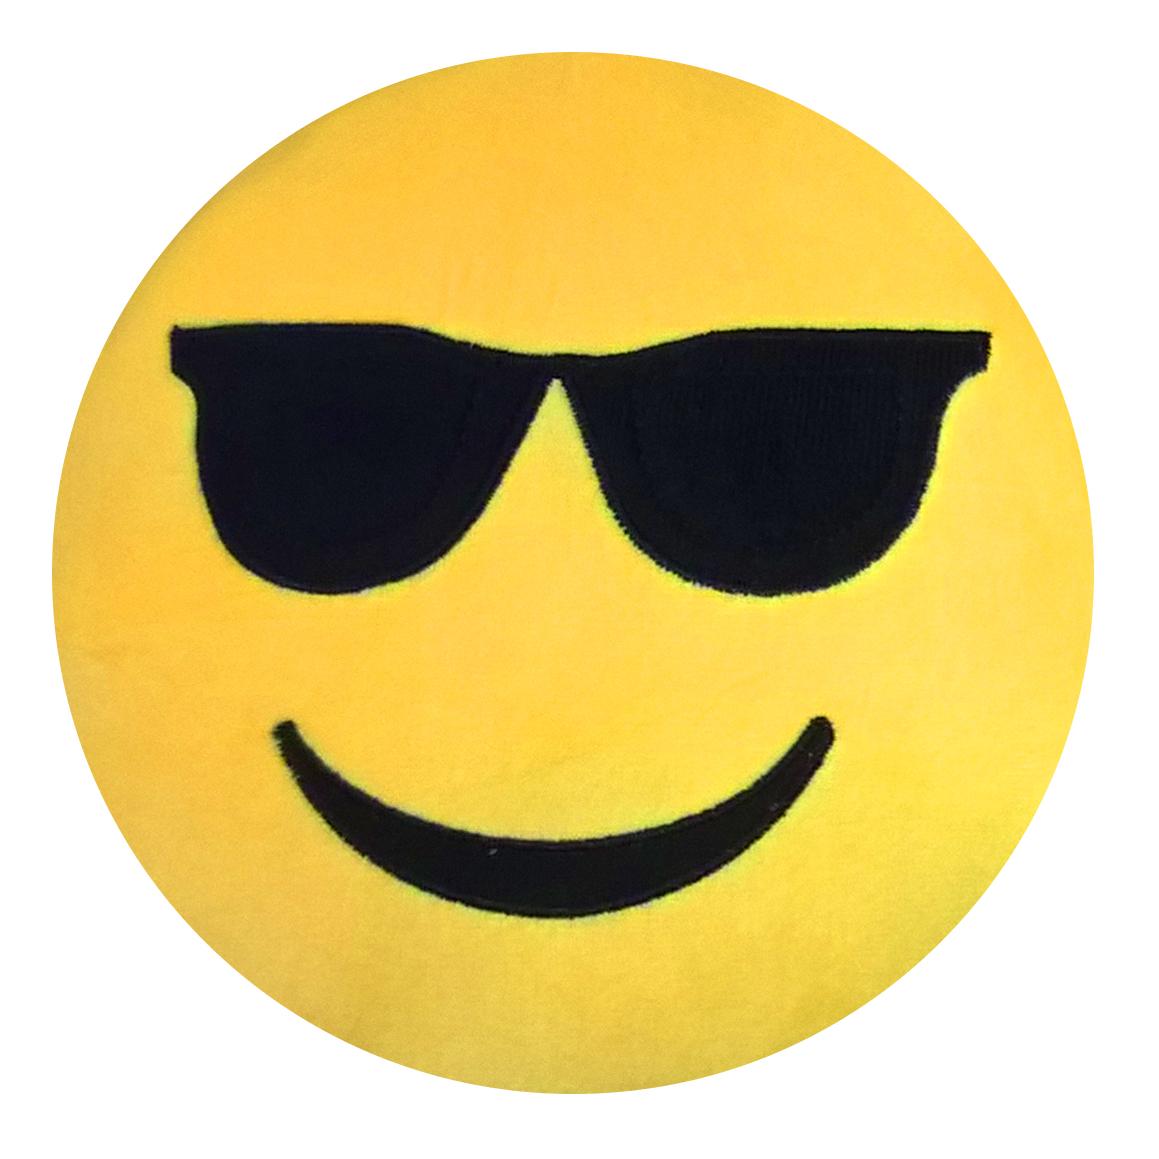 Подушка на подголовник Rexxon Крутой, цвет: желтый3-13-8-1-1Включает в себя функции подушки, подголовника, игрушки.